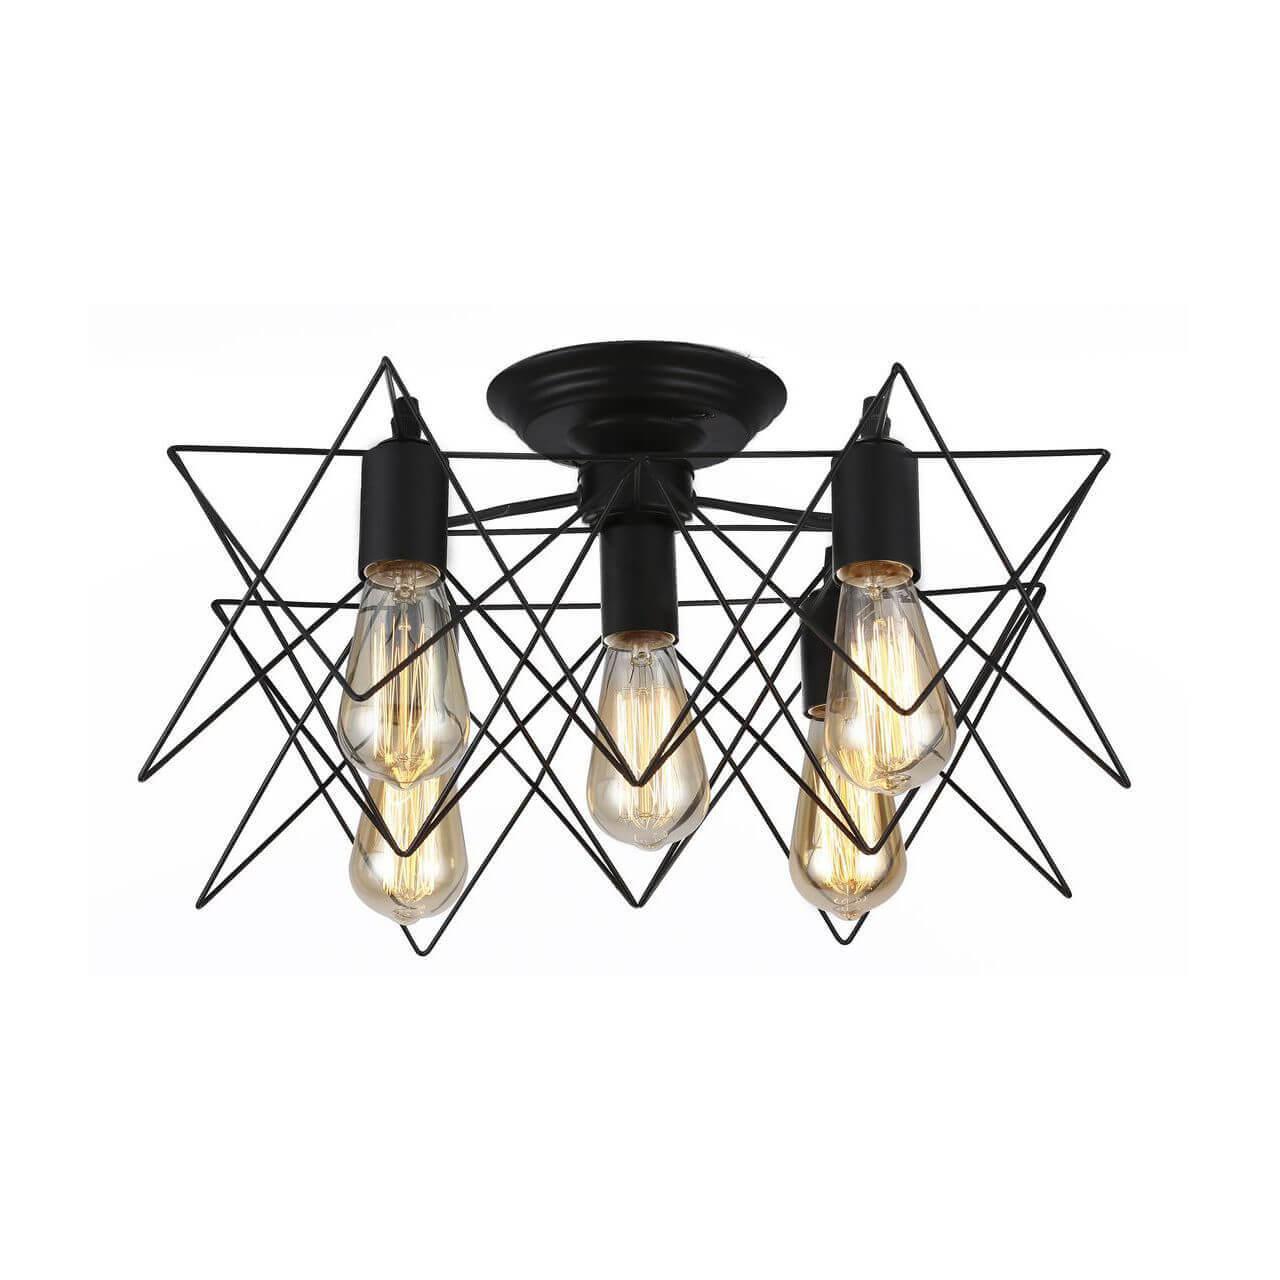 Люстра Arte Lamp A6048PL-5BK 6048 накладная люстра a7144pl 5bk arte lamp